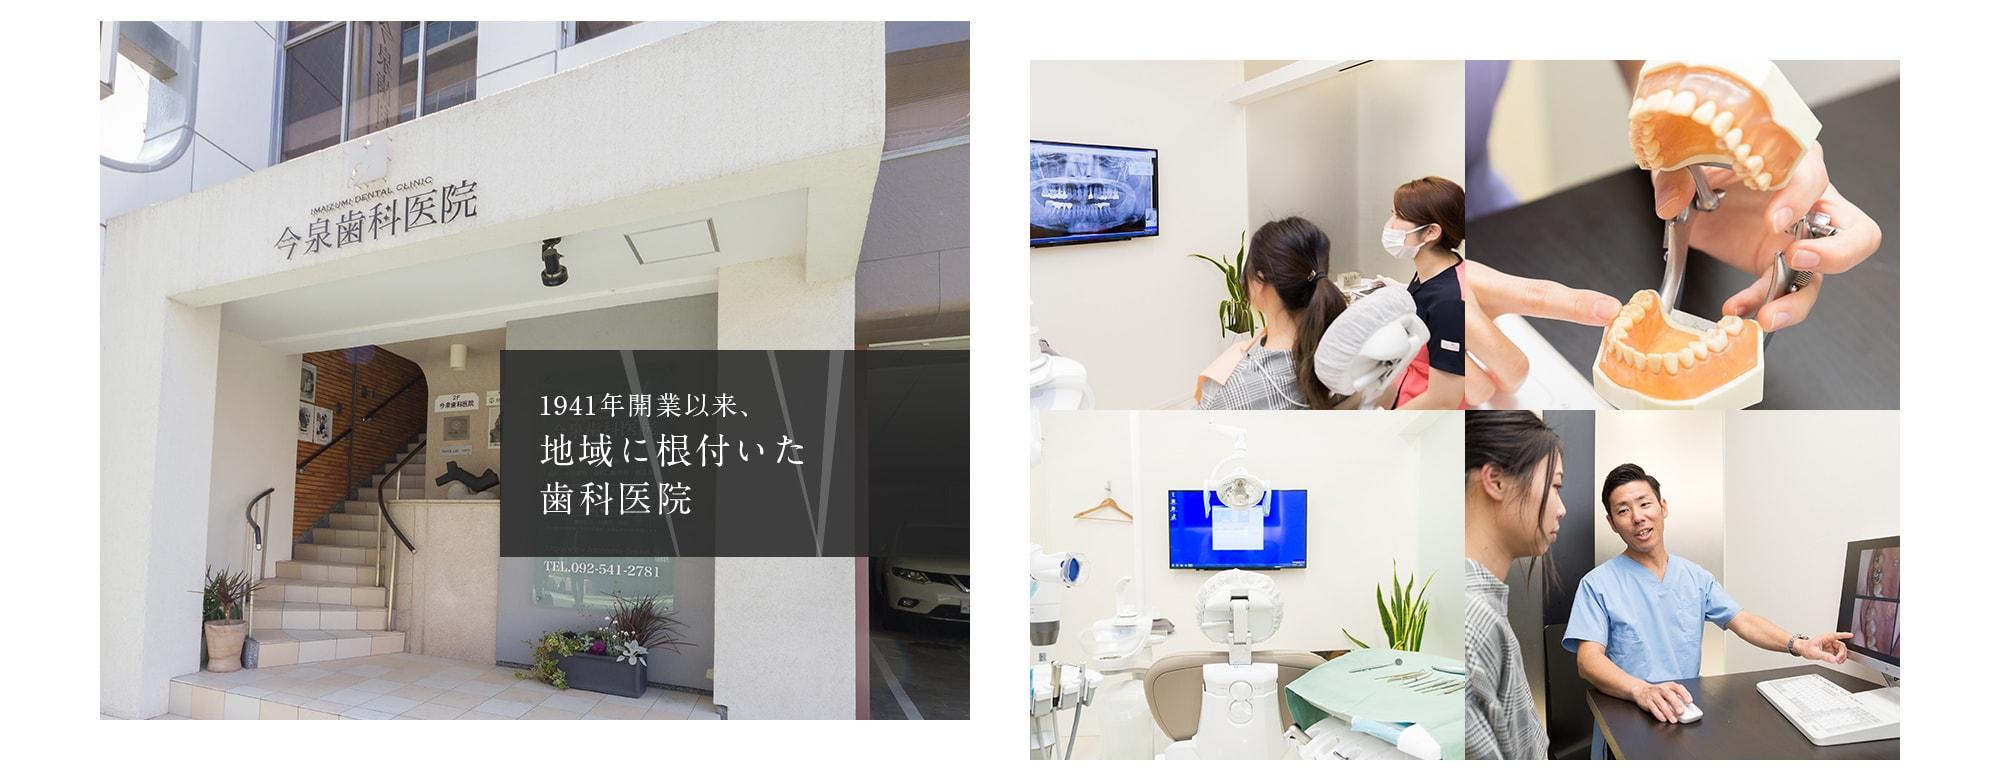 1941年開業以来、地域に根付いた歯科医院